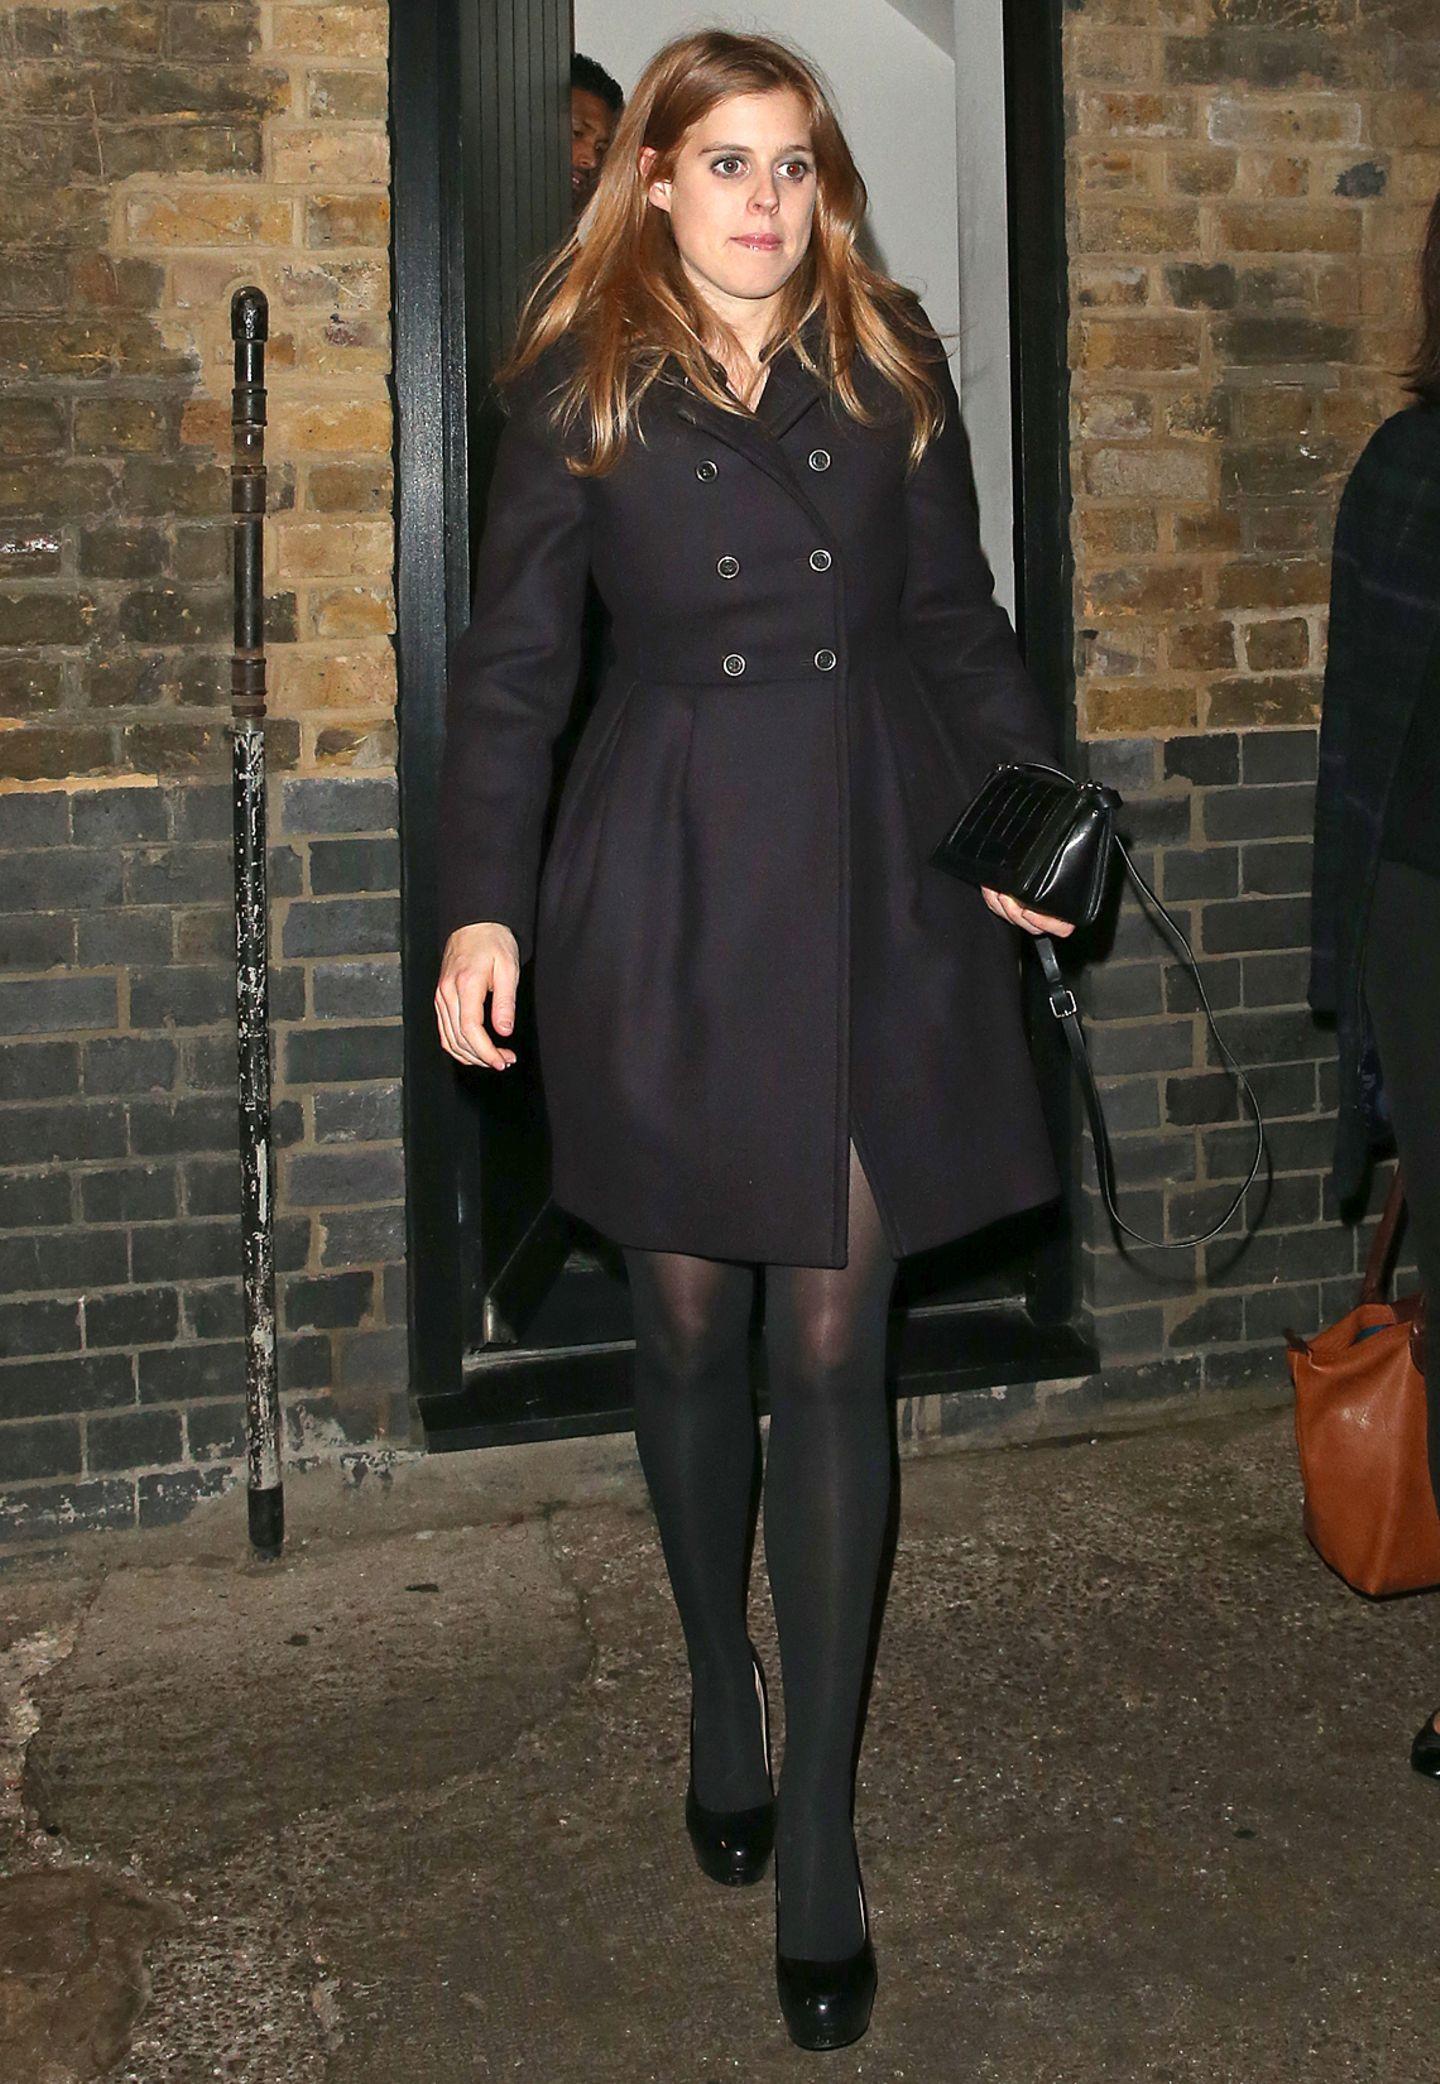 Prinzessin Beatrice besucht in elegantem Schwarz ein Londoner Restaurant. Der zweireihige Mantel in A-Linie betont ihre schlanke Silhouette.